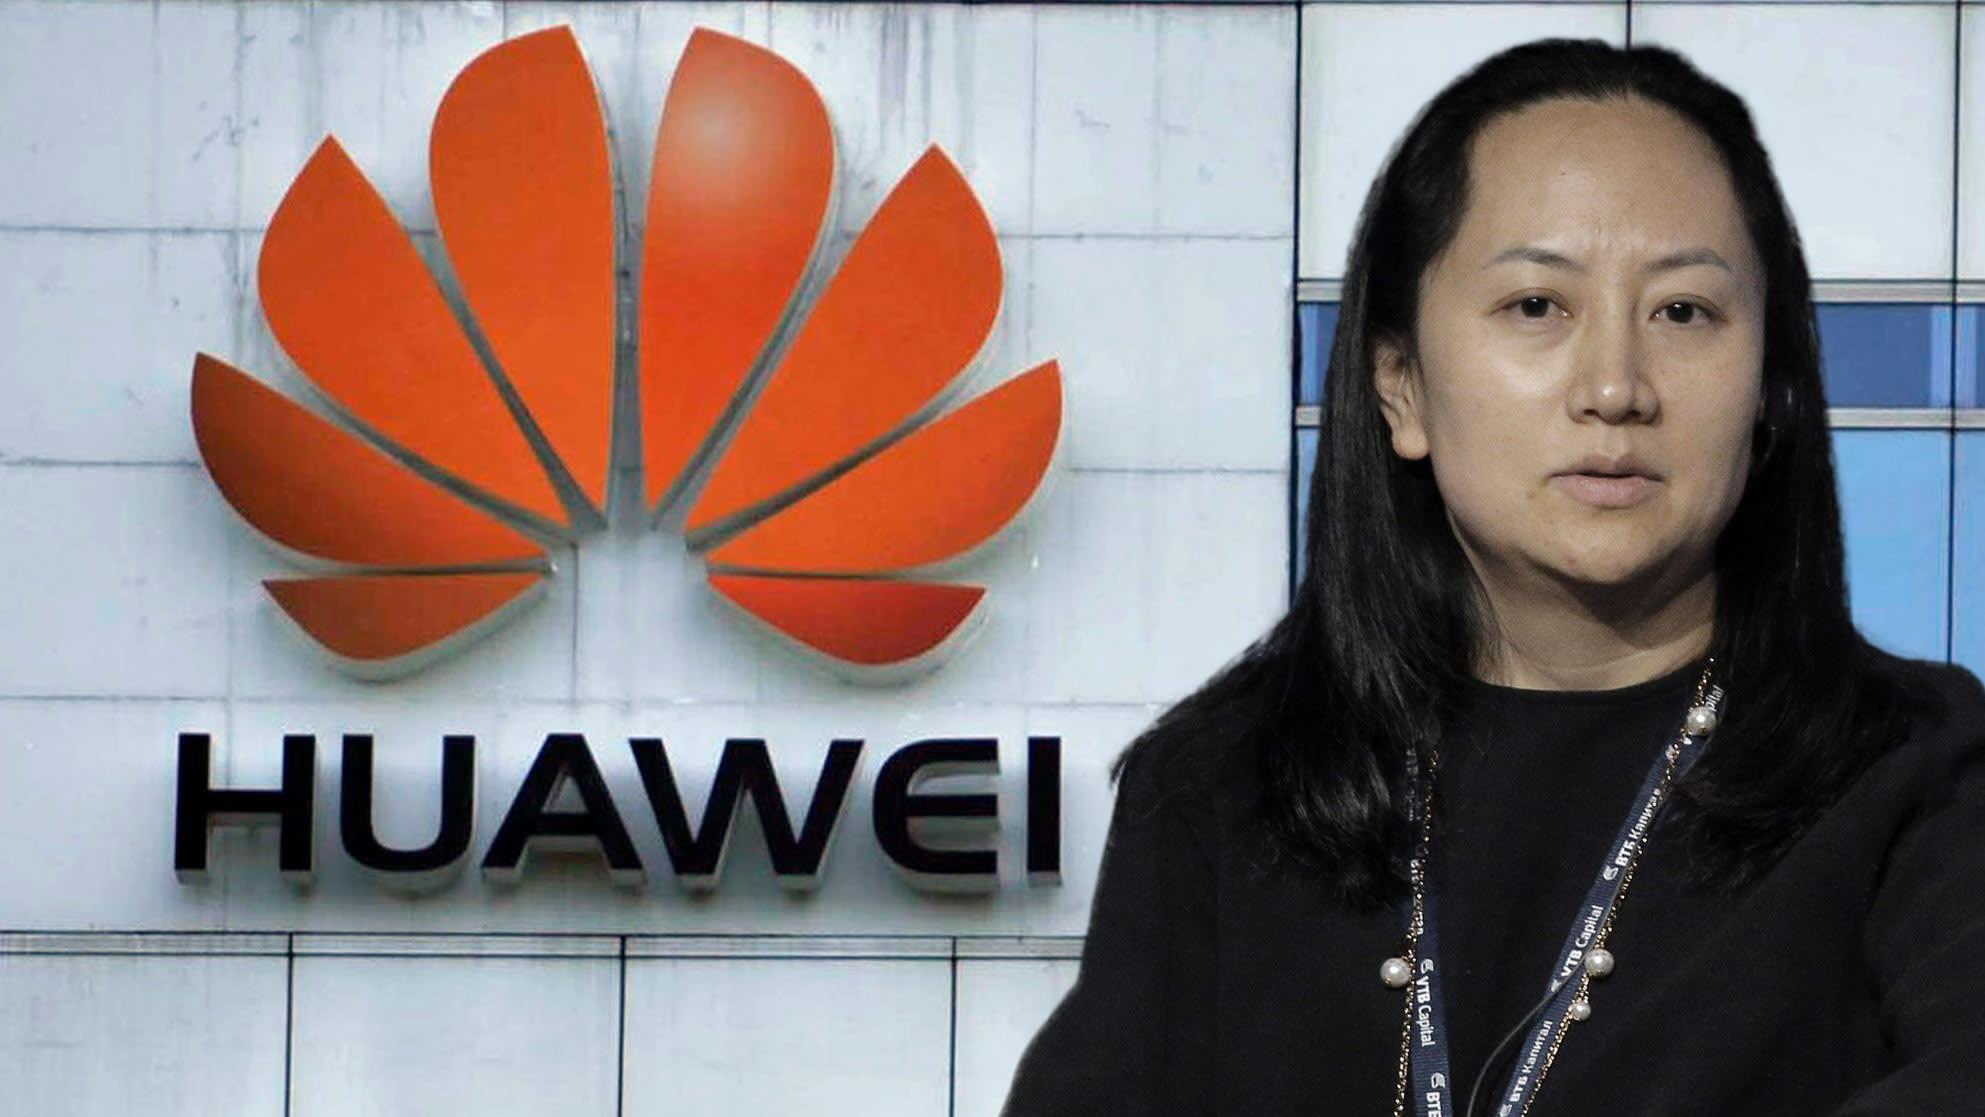 Manazerka_firmy_Huawei_v_Kanade_zatknuta